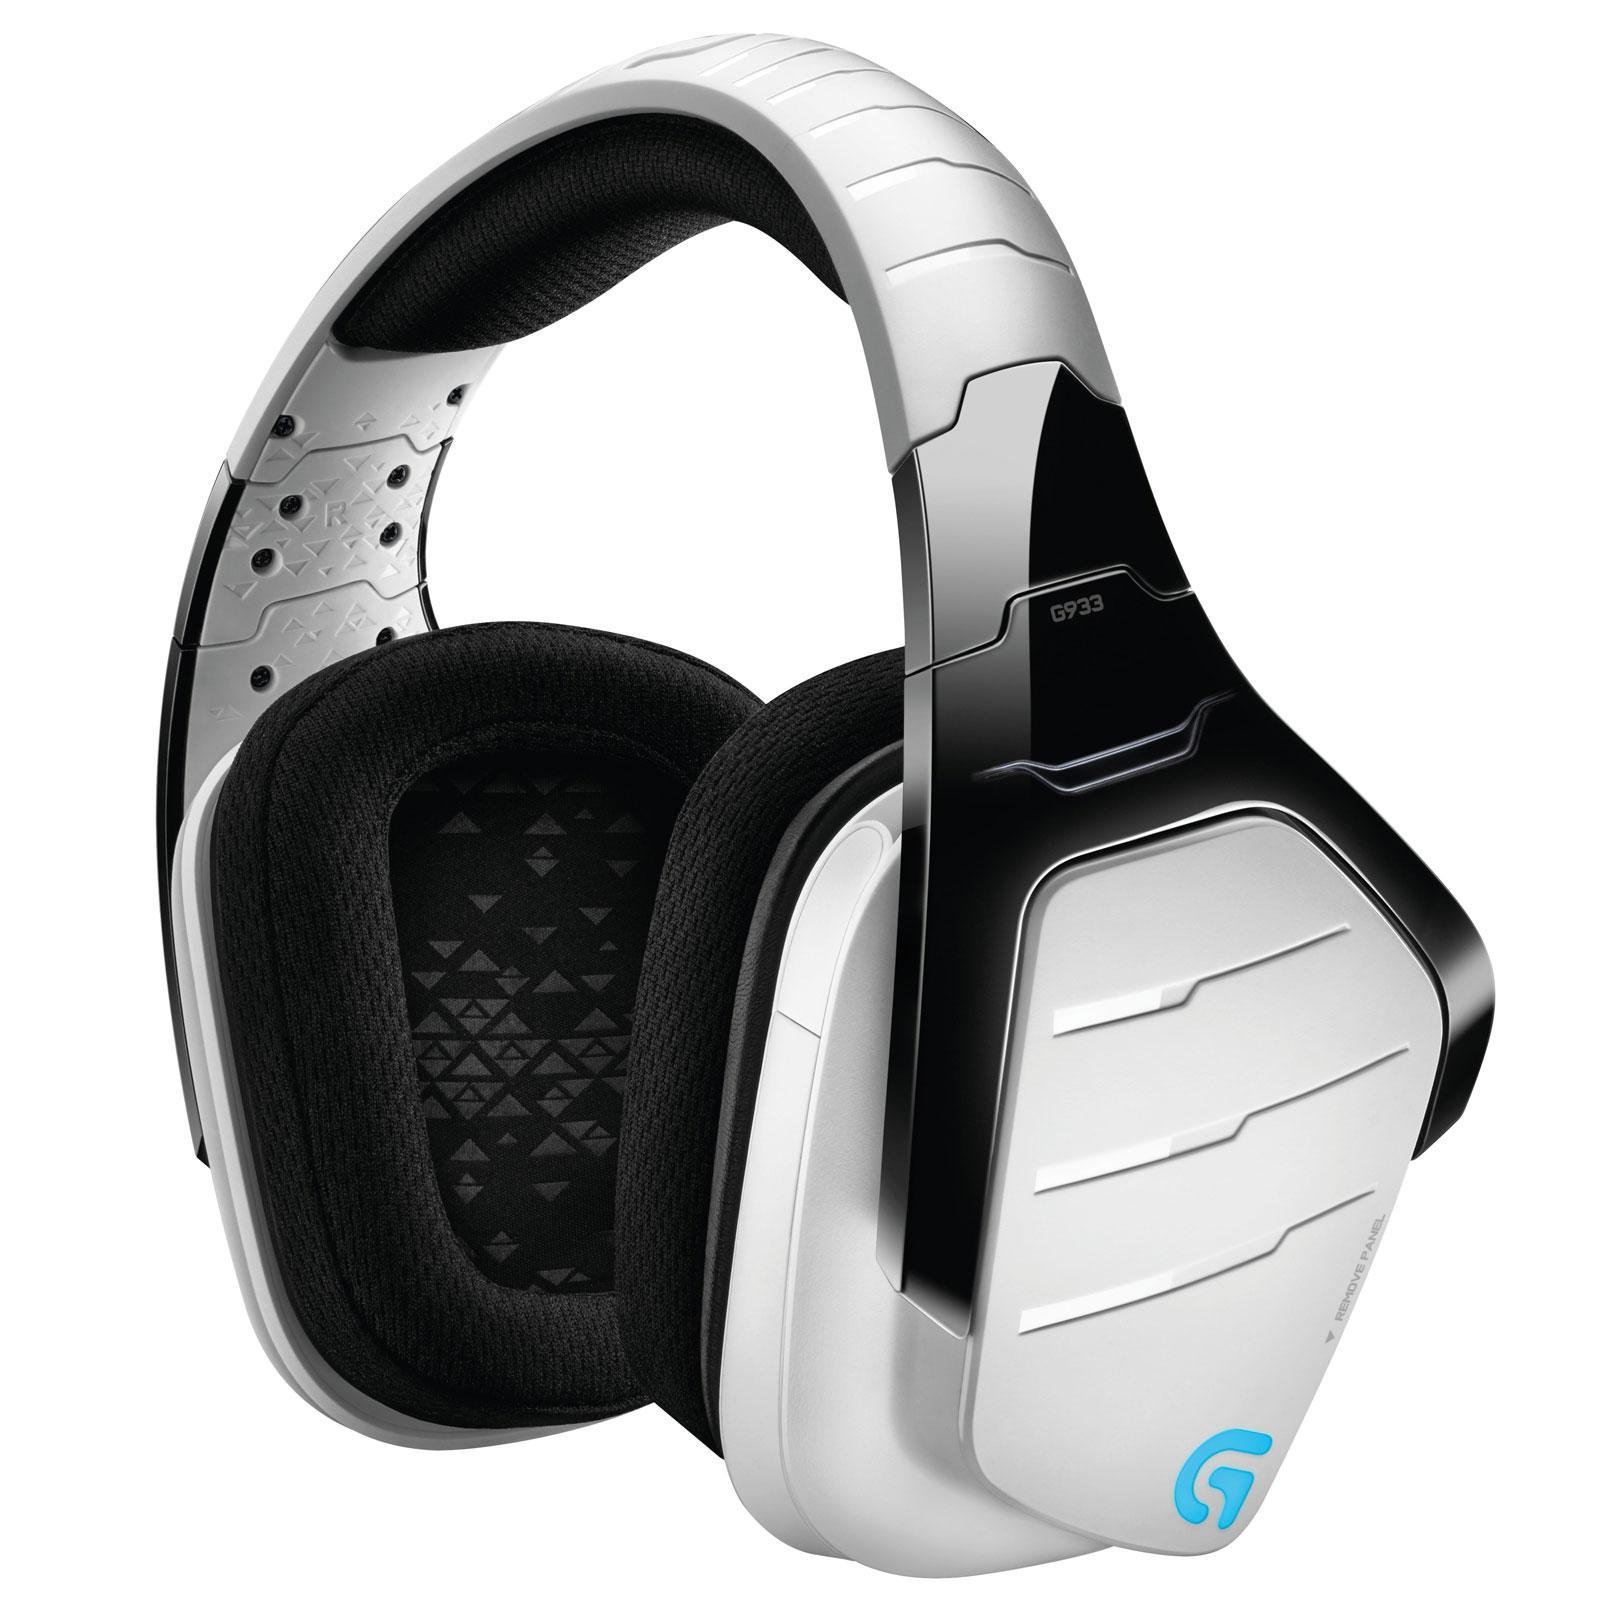 Casque-micro Gaming Sans-fil Logitech G933 Artemis Spectrum Blanc - Surround 7.1